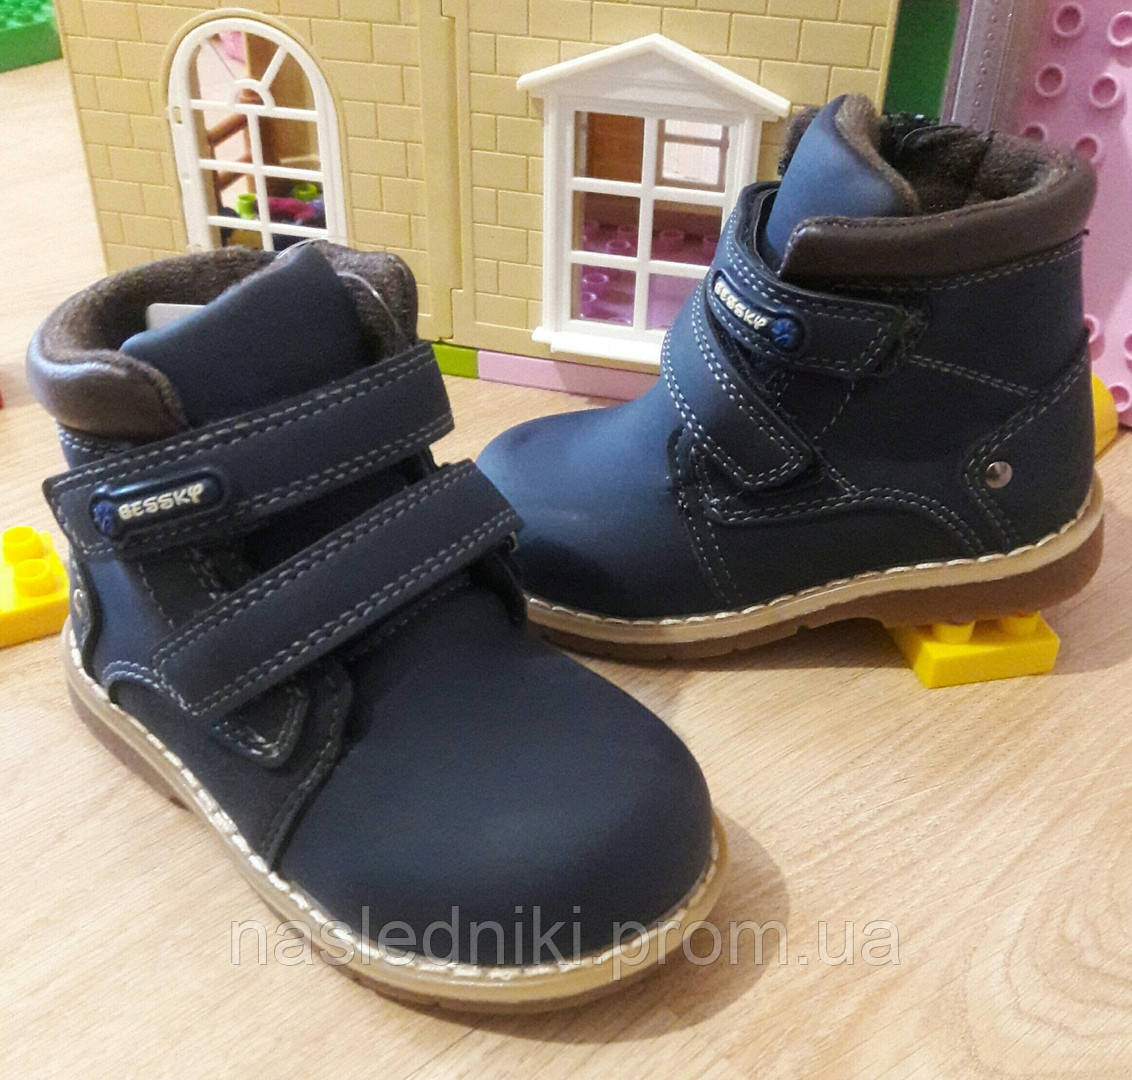 2fc729341 Детские демисезонные ботинки на флисе для мальчика.14.2см: продажа ...